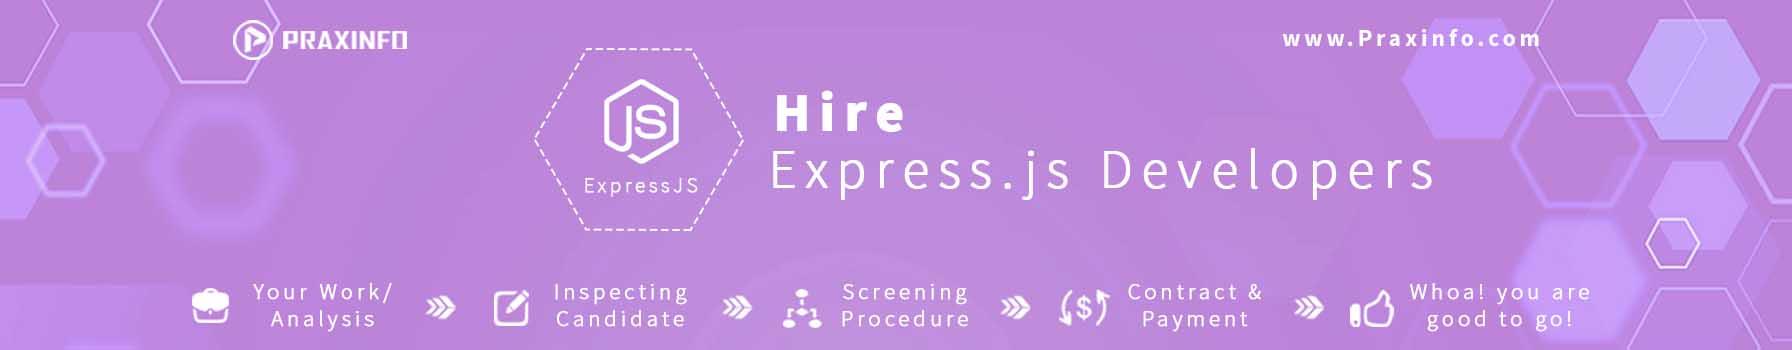 hire-express.js-developer-banner.jpg